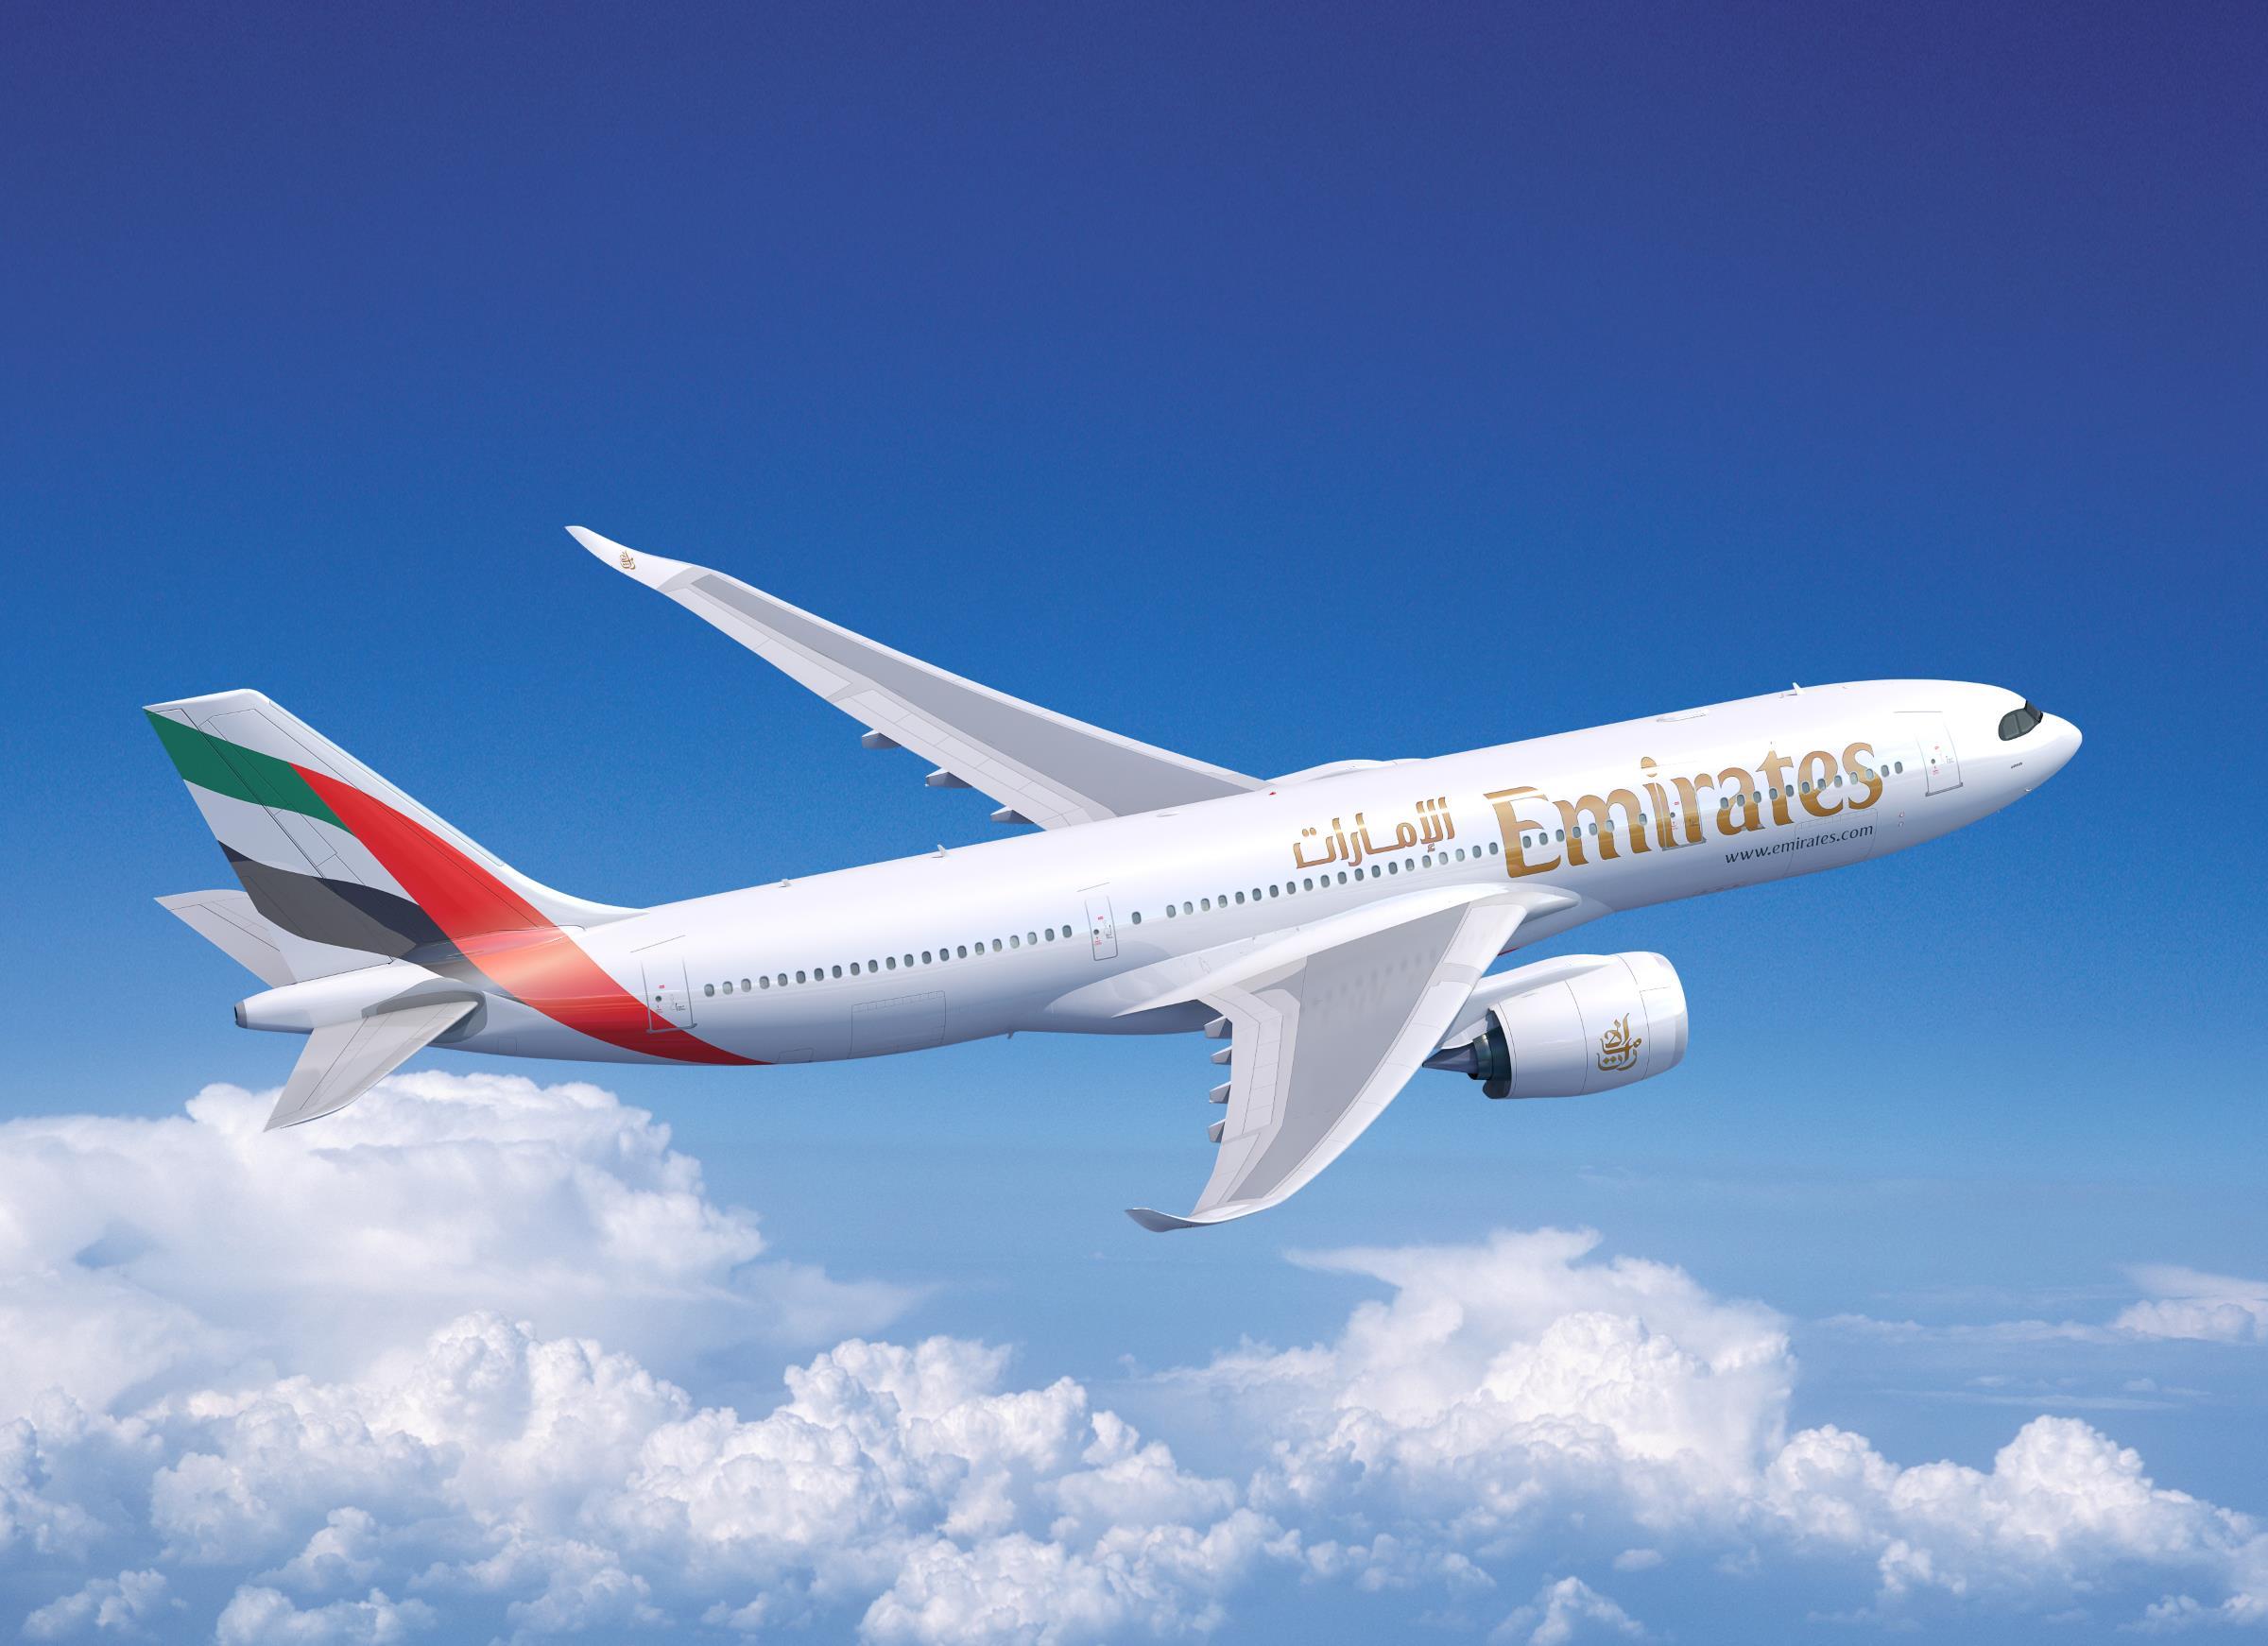 PRZEGLĄD PROMOCJI: oferta Emirates do 10 października